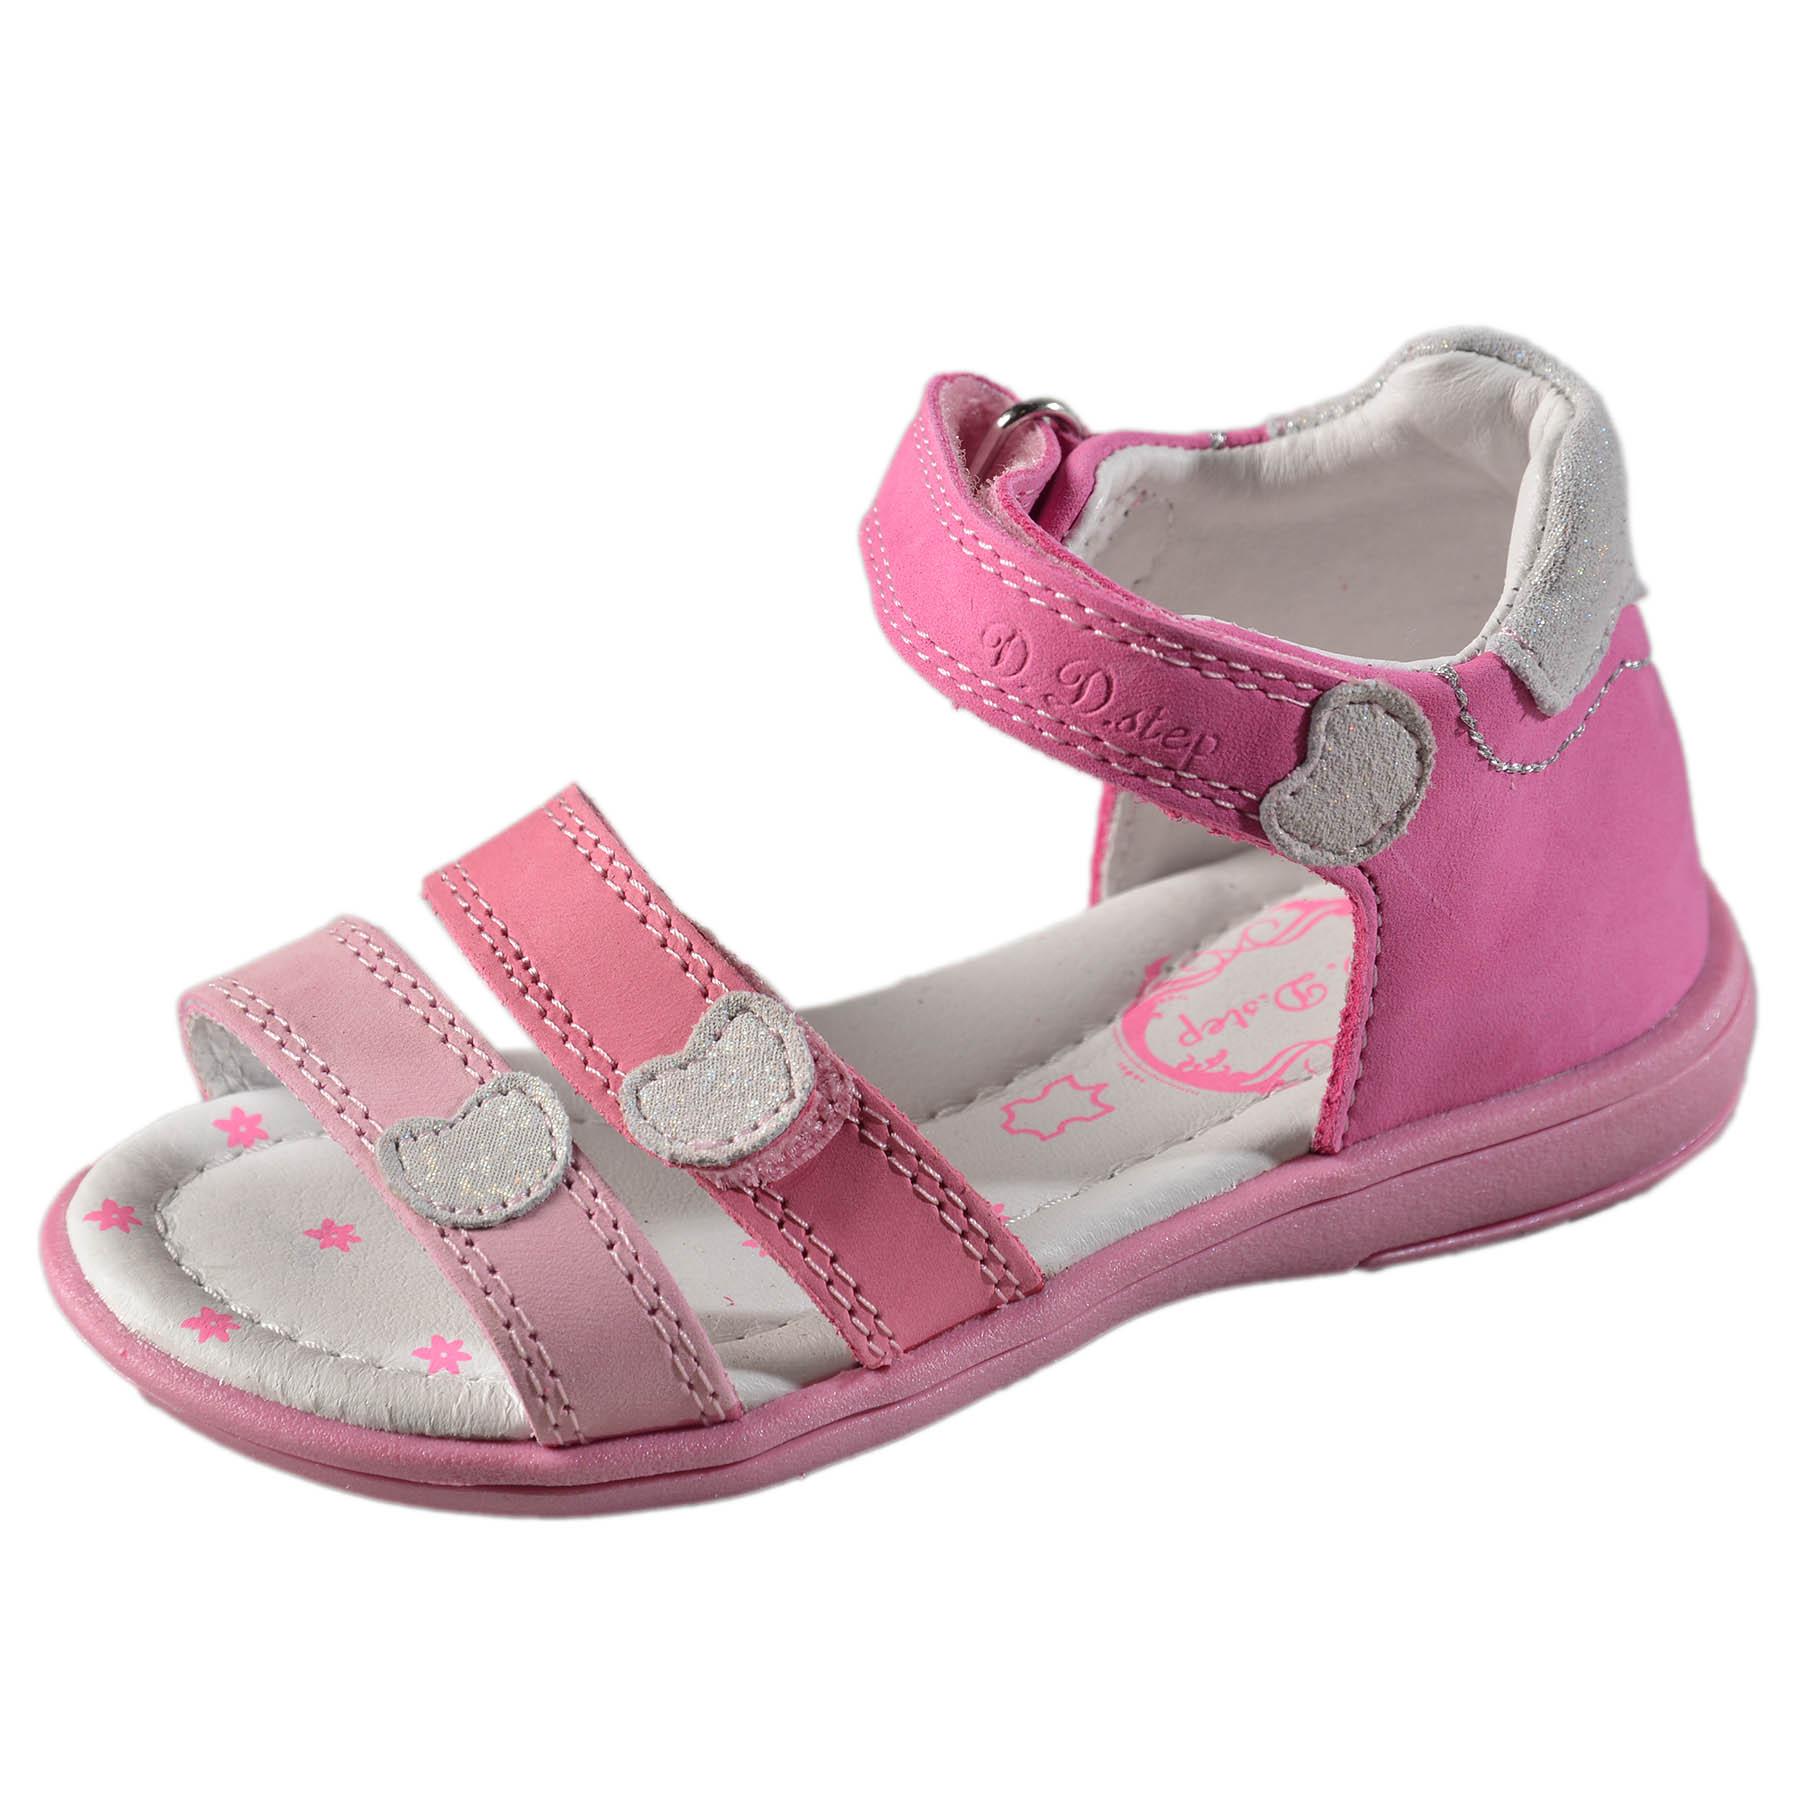 9a57d9893b Dievčenské kožené sandále - Dark pink DDstep - K03-3003M ...